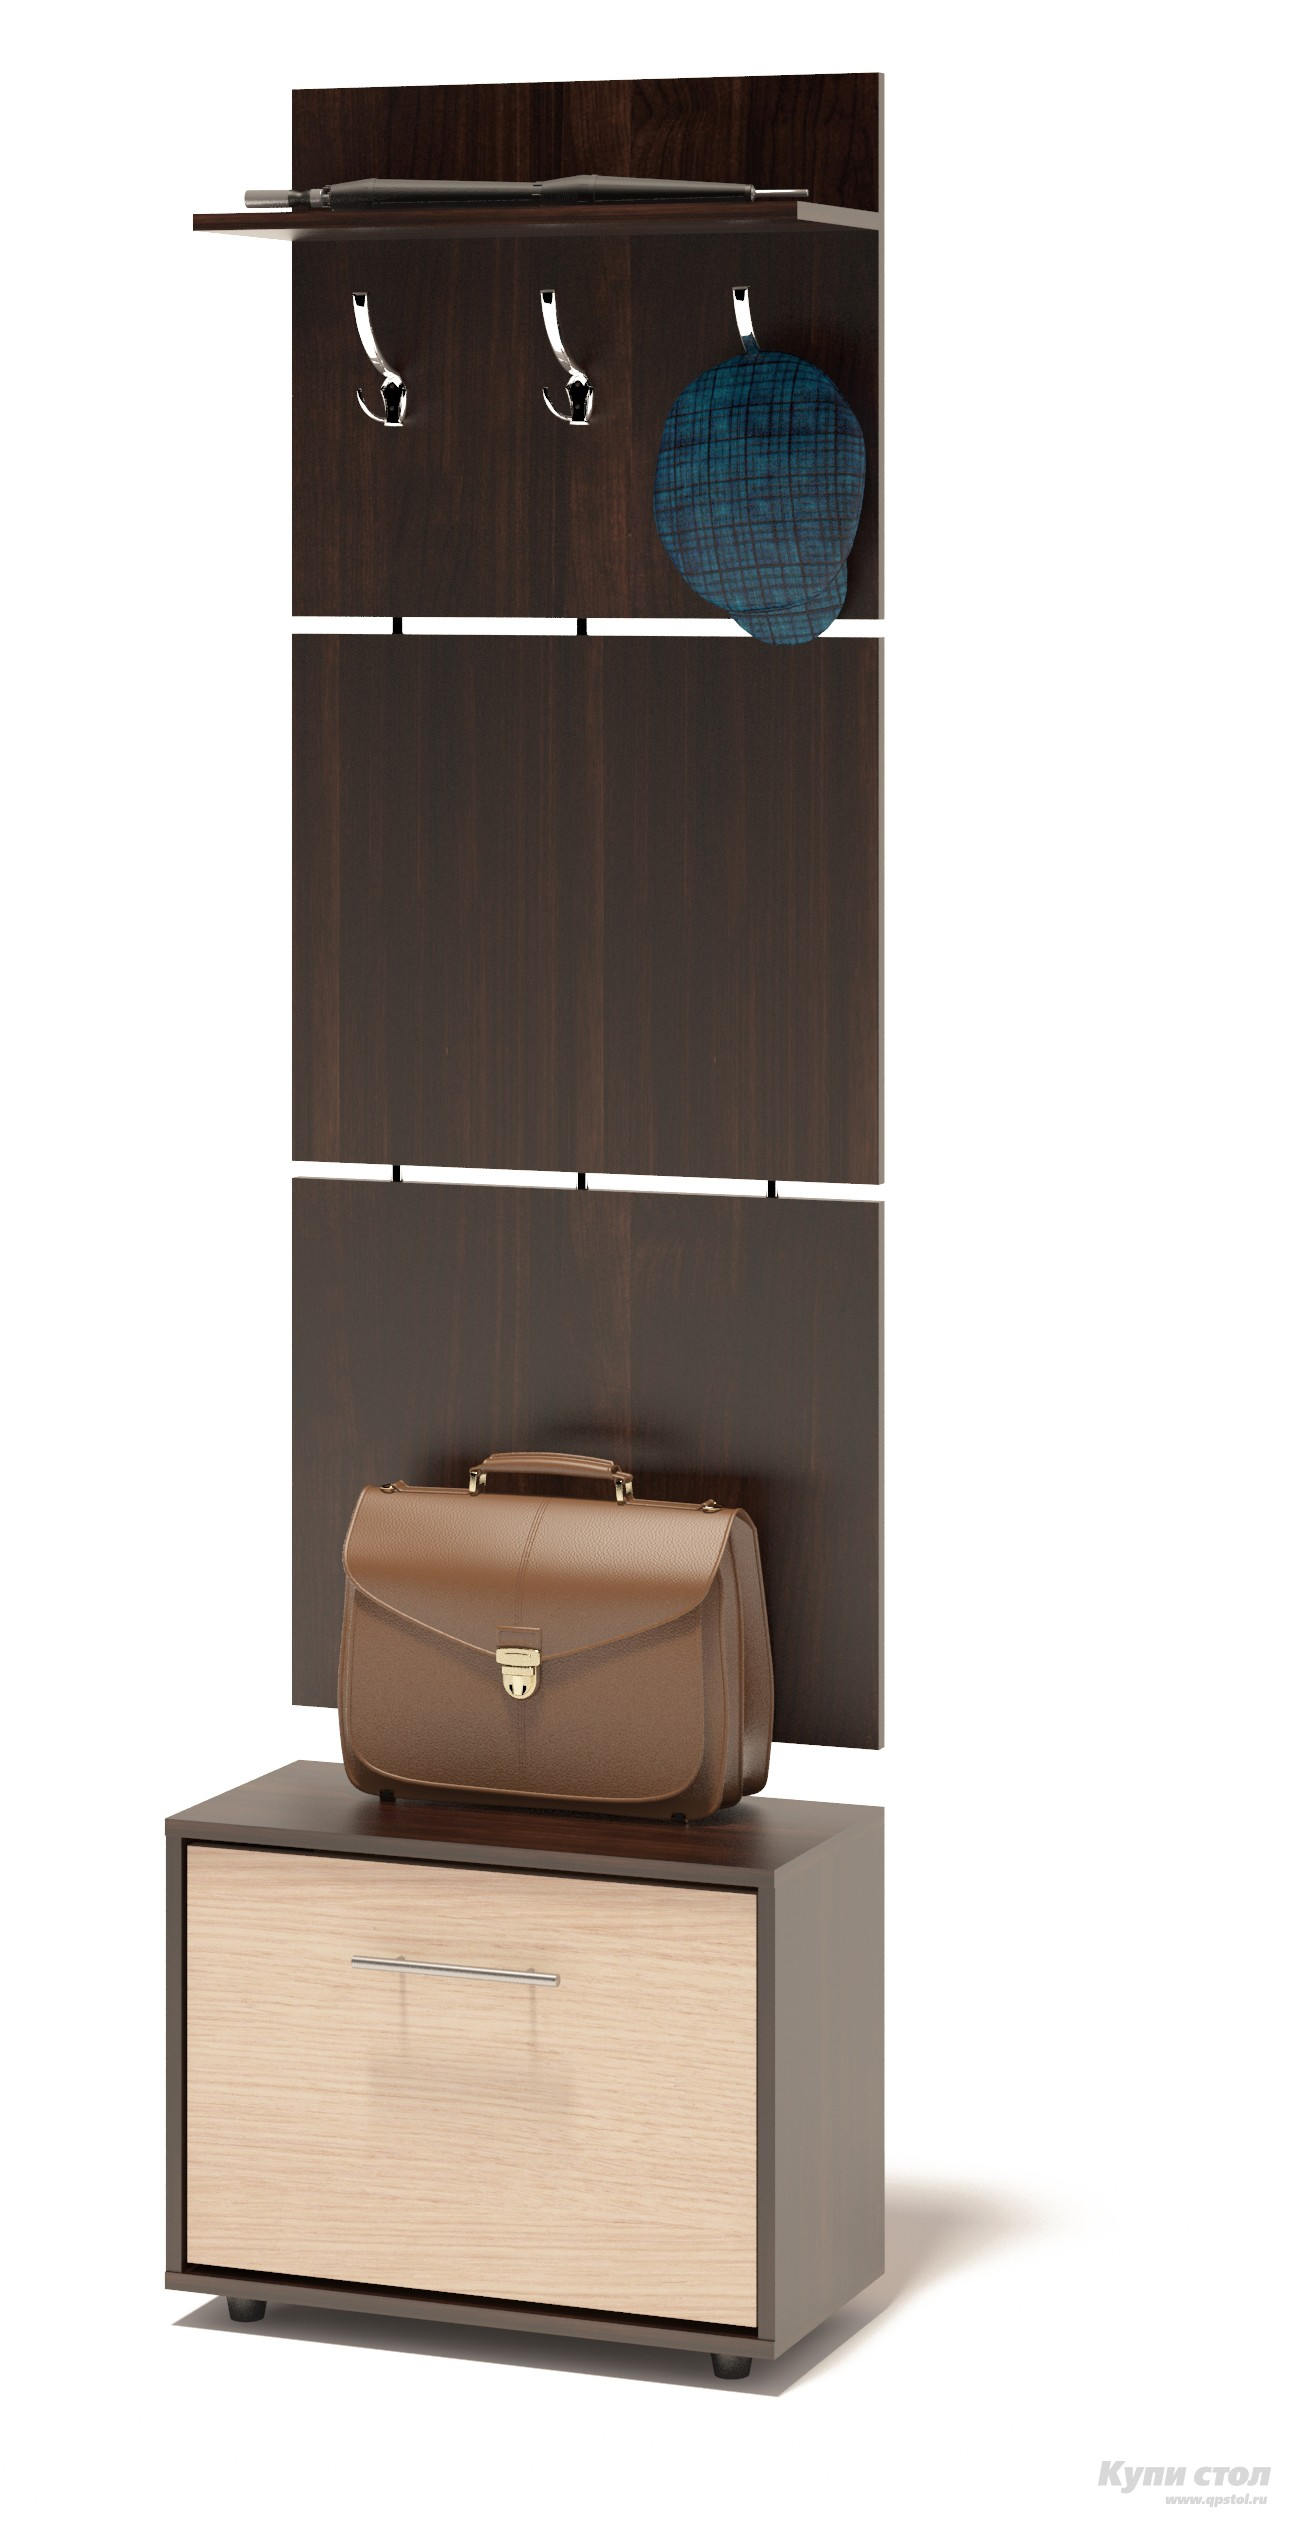 Прихожая Сокол ТП-1 + ВШ-5.1 Корпус Венге / Фасад Беленый дубПрихожие в коридор<br>Габаритные размеры ВхШхГ 1961x600x287 мм. Навесная вешалка, выполненная в современном стиле.  Позволит разместить сезонную одежду всей семьи.  Вешалка состоит из 3-х панелей соединенных металлическими вставками.  Полка, закрепленная над крючками для одежды, предназначена специально для головных уборов и зонтов.  Максимальная нагрузка на полку составляет 5кг.  Компактная тумба для обуви, шириной 600 мм.  Дверь оснащена откидывающимся механизмом со специальными полками для размещения обуви, который обеспечивает удобство хранения и легкий доступ к необходимой паре кроссовок или туфлей.  Изделие поставляется в разобранном виде.  Хорошо упаковано в гофротару вместе с необходимой фурнитурой для сборки и подробной инструкцией.   Изготовлена из высококачественной ДСП 16 мм.   Отделывается кромкой ПВХ 0. 4 мм.   Поставляется в разобранном виде.  Рекомендуем сохранить инструкцию по сборке (паспорт изделия) до истечения гарантийного срока.<br><br>Цвет: Темное-cветлое дерево<br>Высота мм: 1961<br>Ширина мм: 600<br>Глубина мм: 287<br>Кол-во упаковок: 2<br>Форма поставки: В разобранном виде<br>Срок гарантии: 2 года<br>Тип: Прямые<br>Характеристика: Модульные<br>Материал: ЛДСП<br>Размер: Узкие<br>Размер: Глубина до 30 см<br>Размер: Глубина до 35 см<br>С открытой вешалкой: Да<br>С обувницей: Да<br>Без шкафа: Да<br>Стиль: Современный